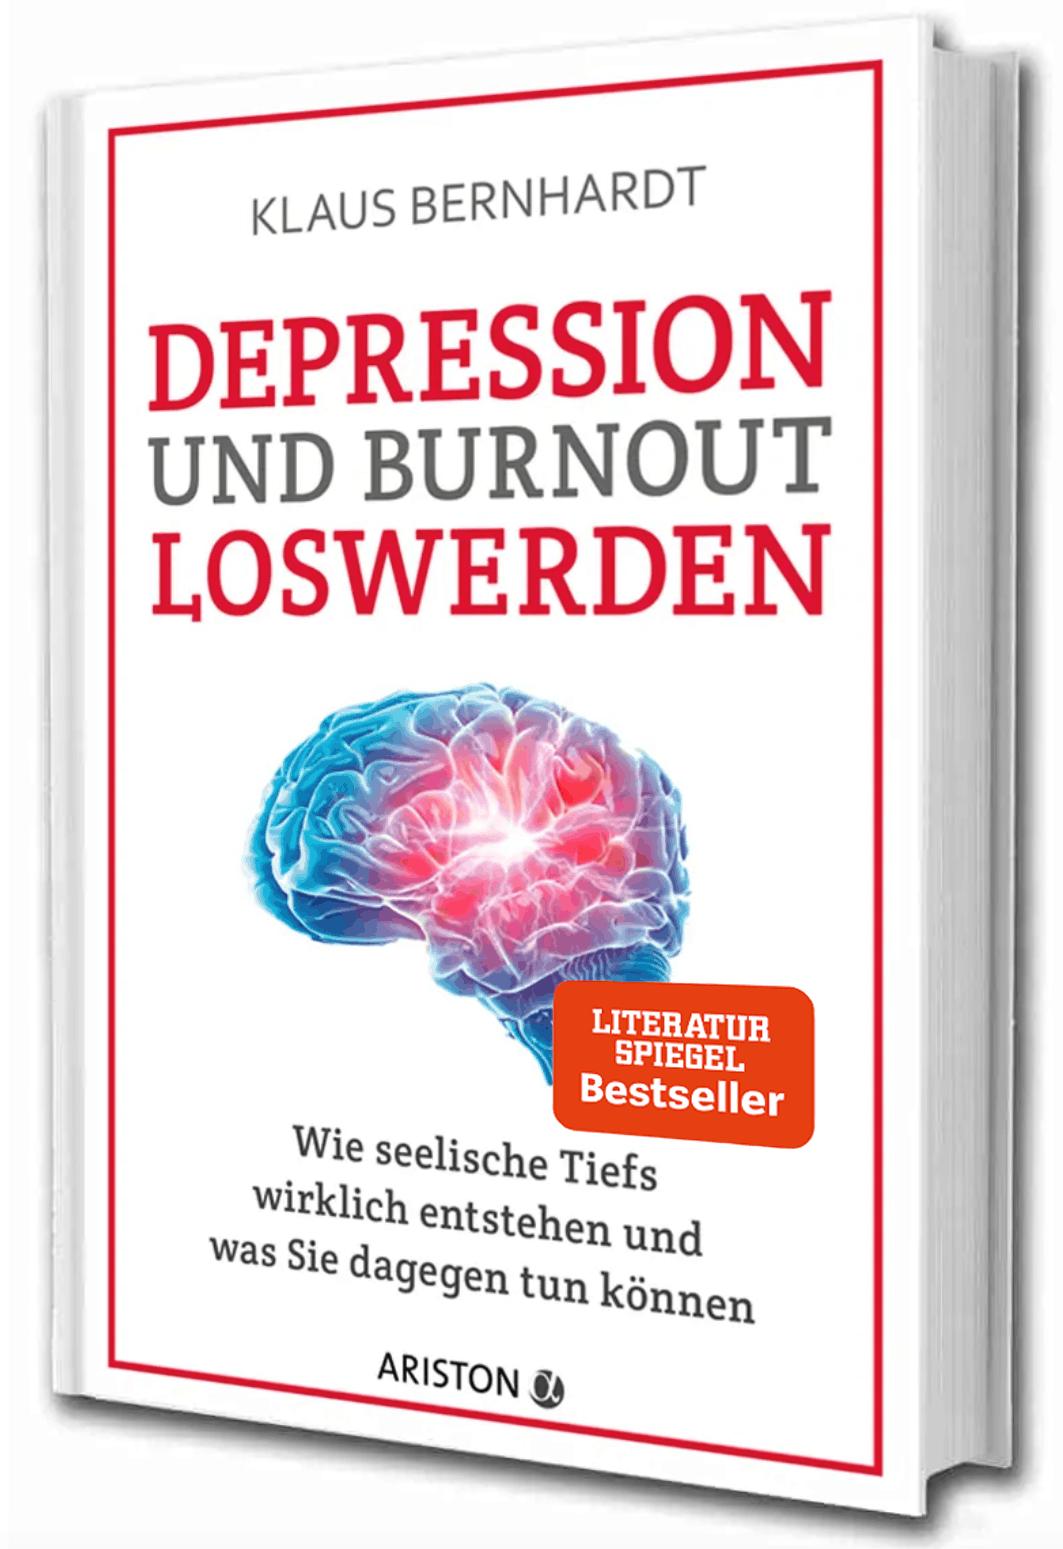 Buch-Depressionen und Burnout loswerden